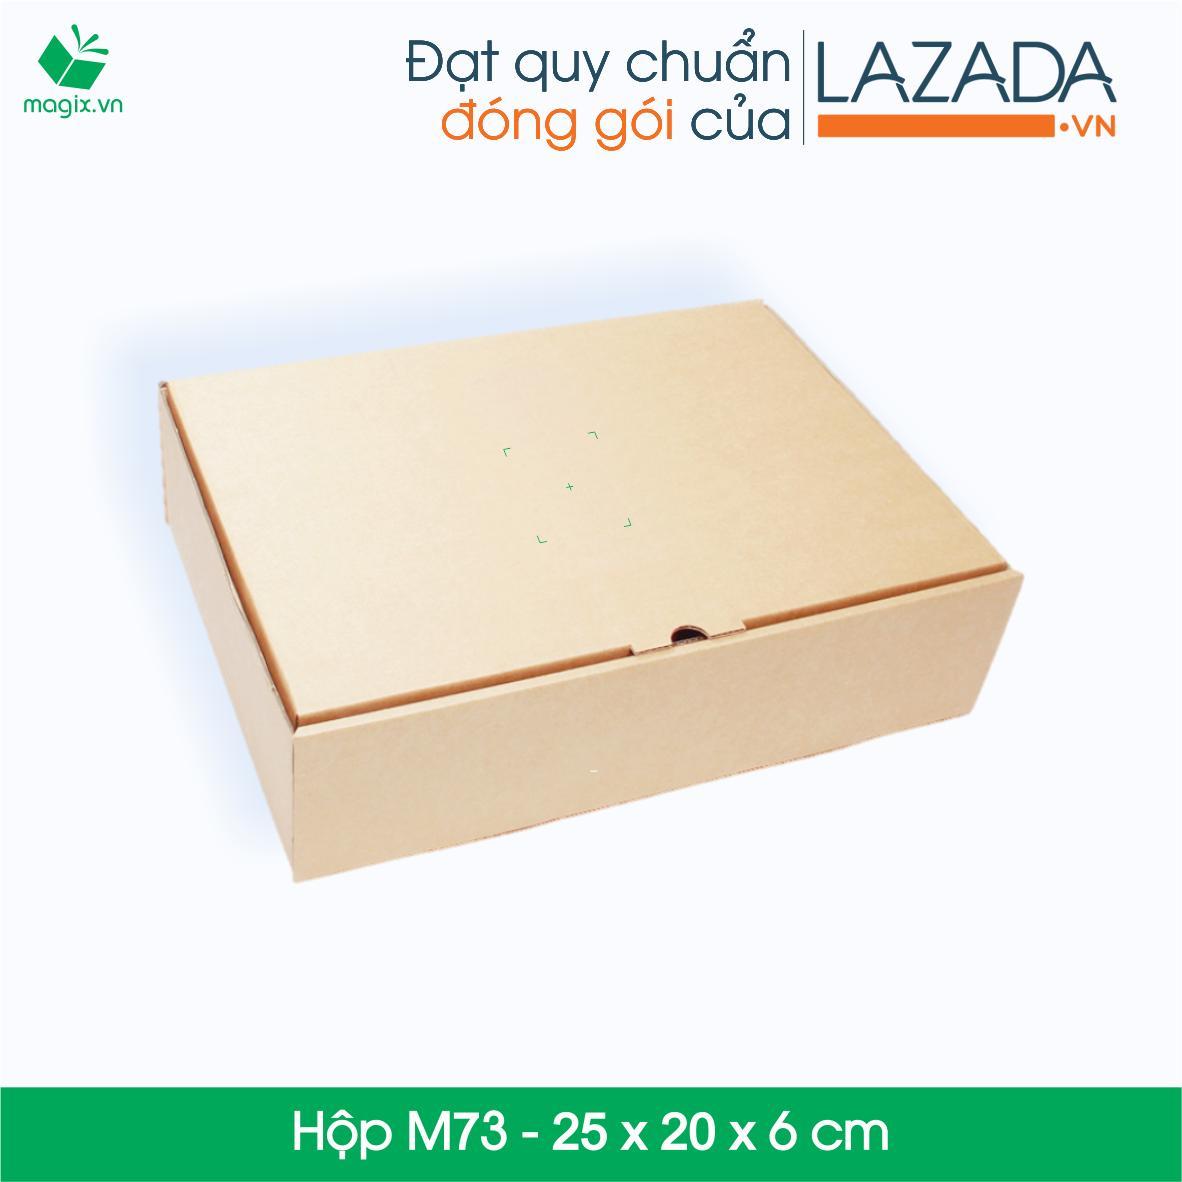 M73 - 25 x 20 x 6 cm - 25 Thùng hộp carton Nhật Bản